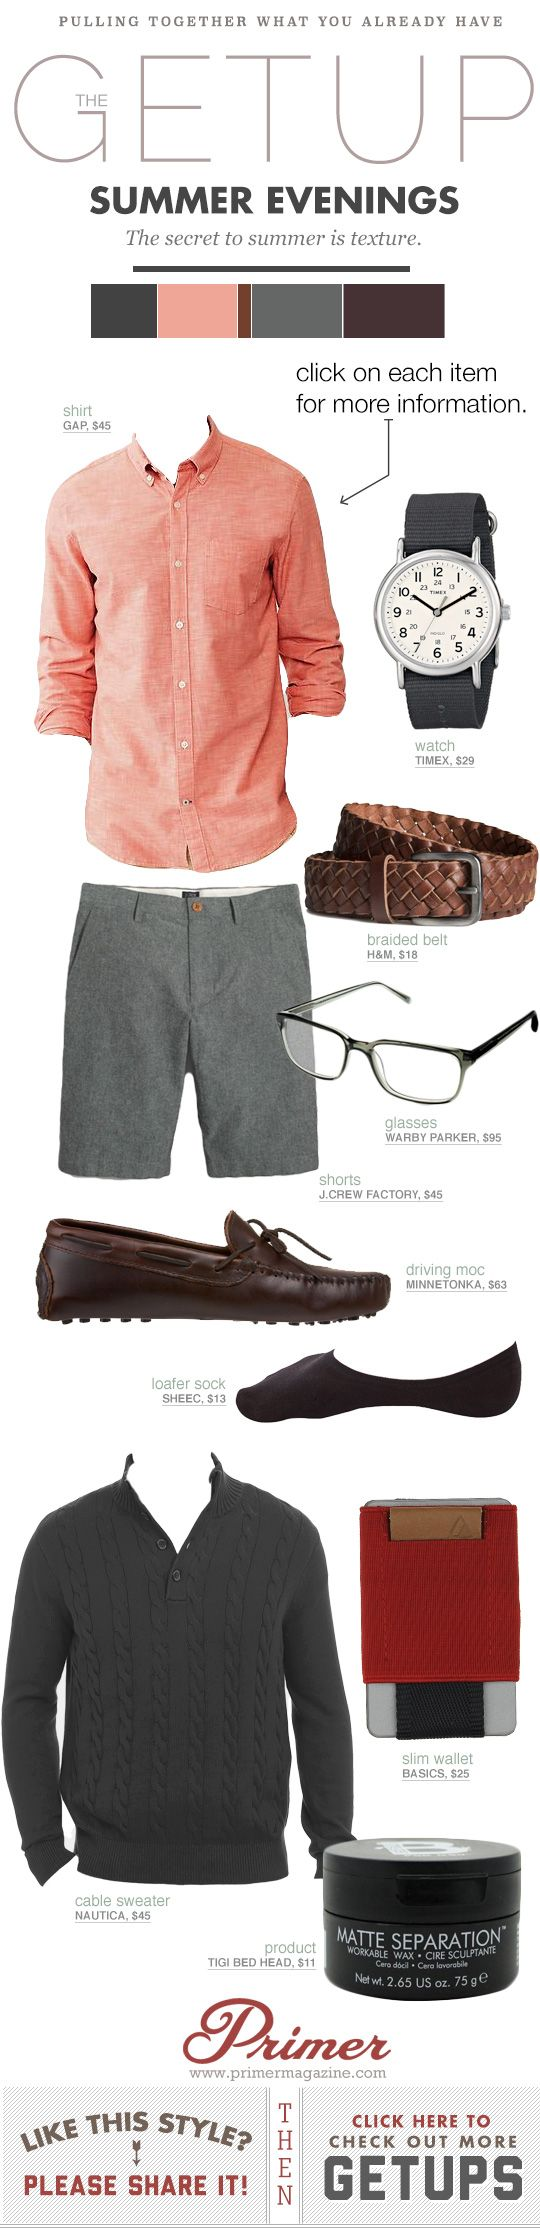 Guys trends Практичная мужская одежда на каждый день #mensterra